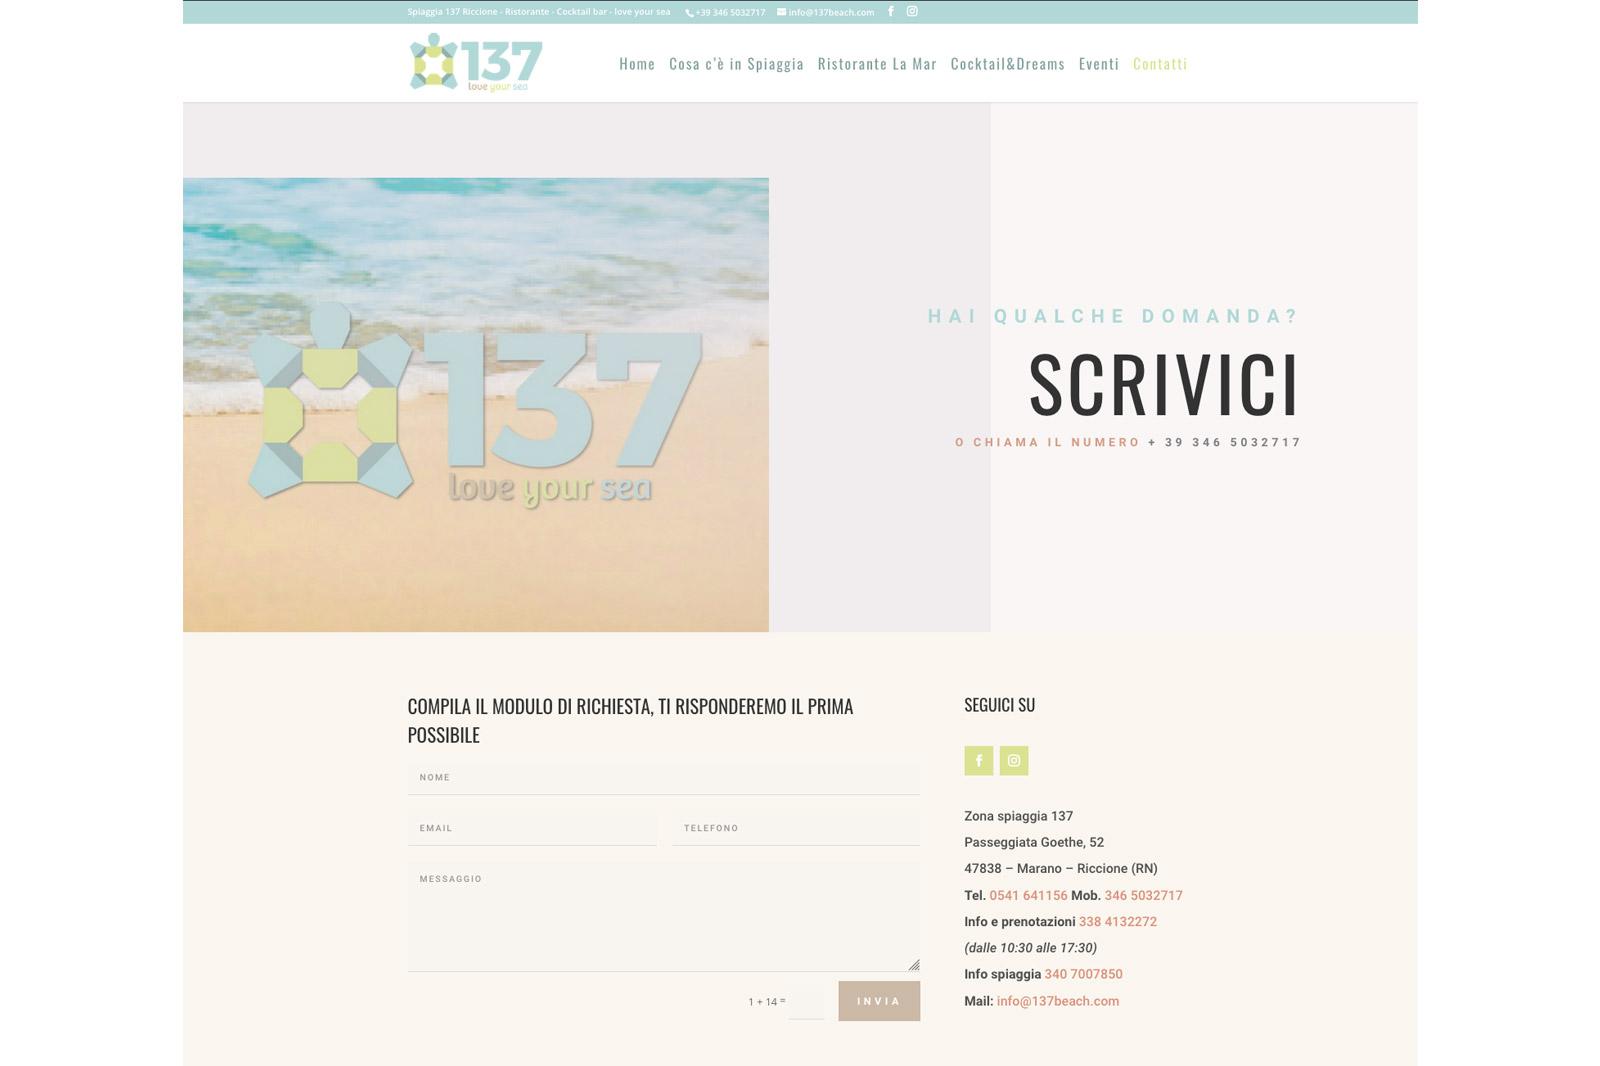 Realizzazione-sito-web-ristorante-rimini-137BEACH-2